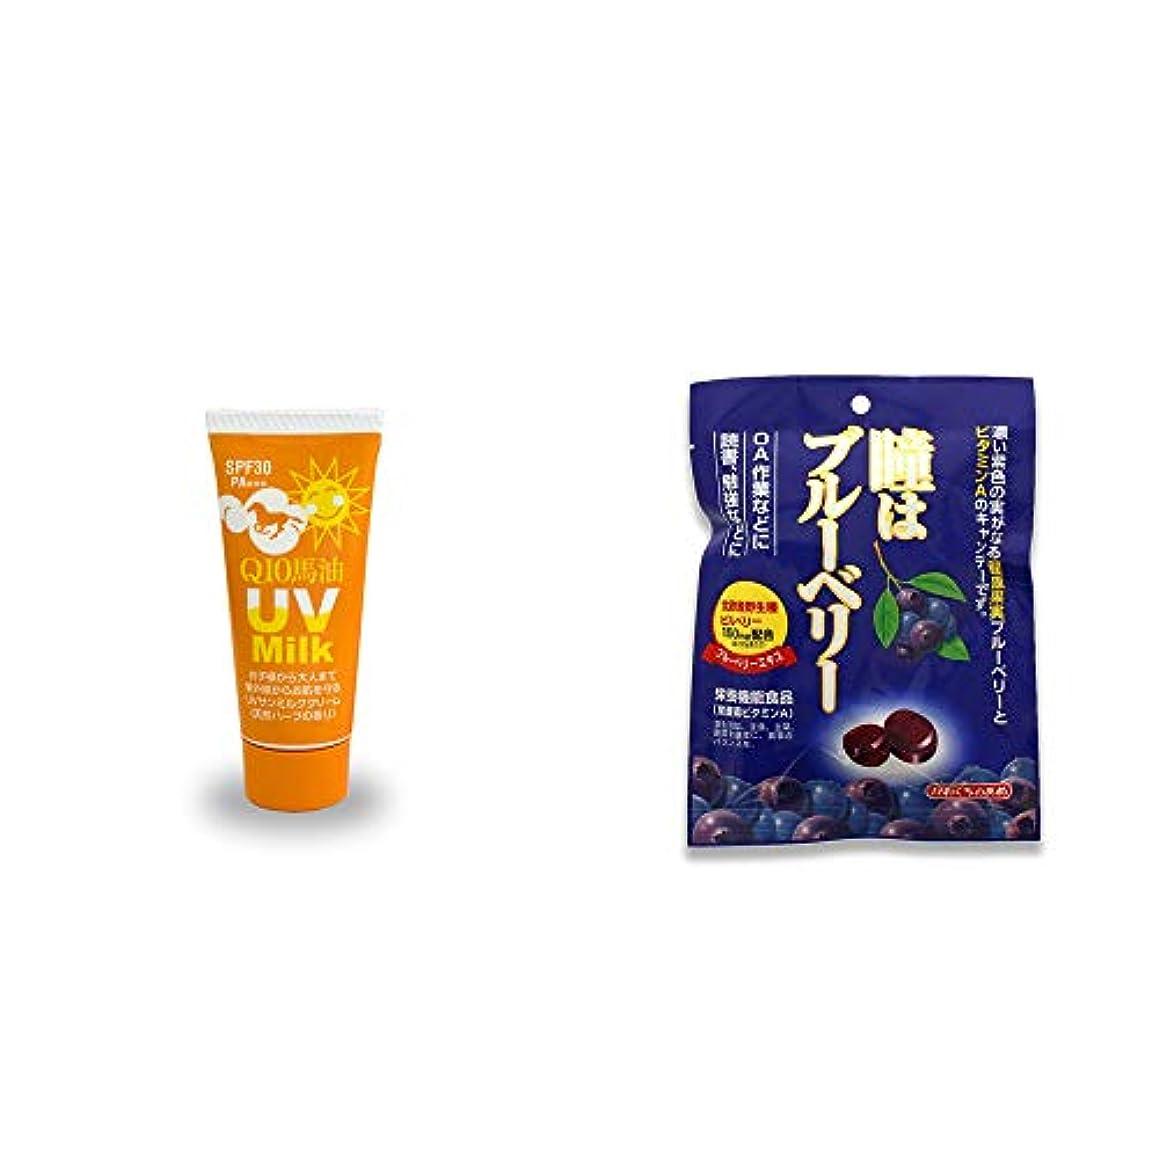 アナログ賞優れました[2点セット] 炭黒泉 Q10馬油 UVサンミルク[天然ハーブ](40g)?瞳はブルーベリー 健康機能食品[ビタミンA](100g)